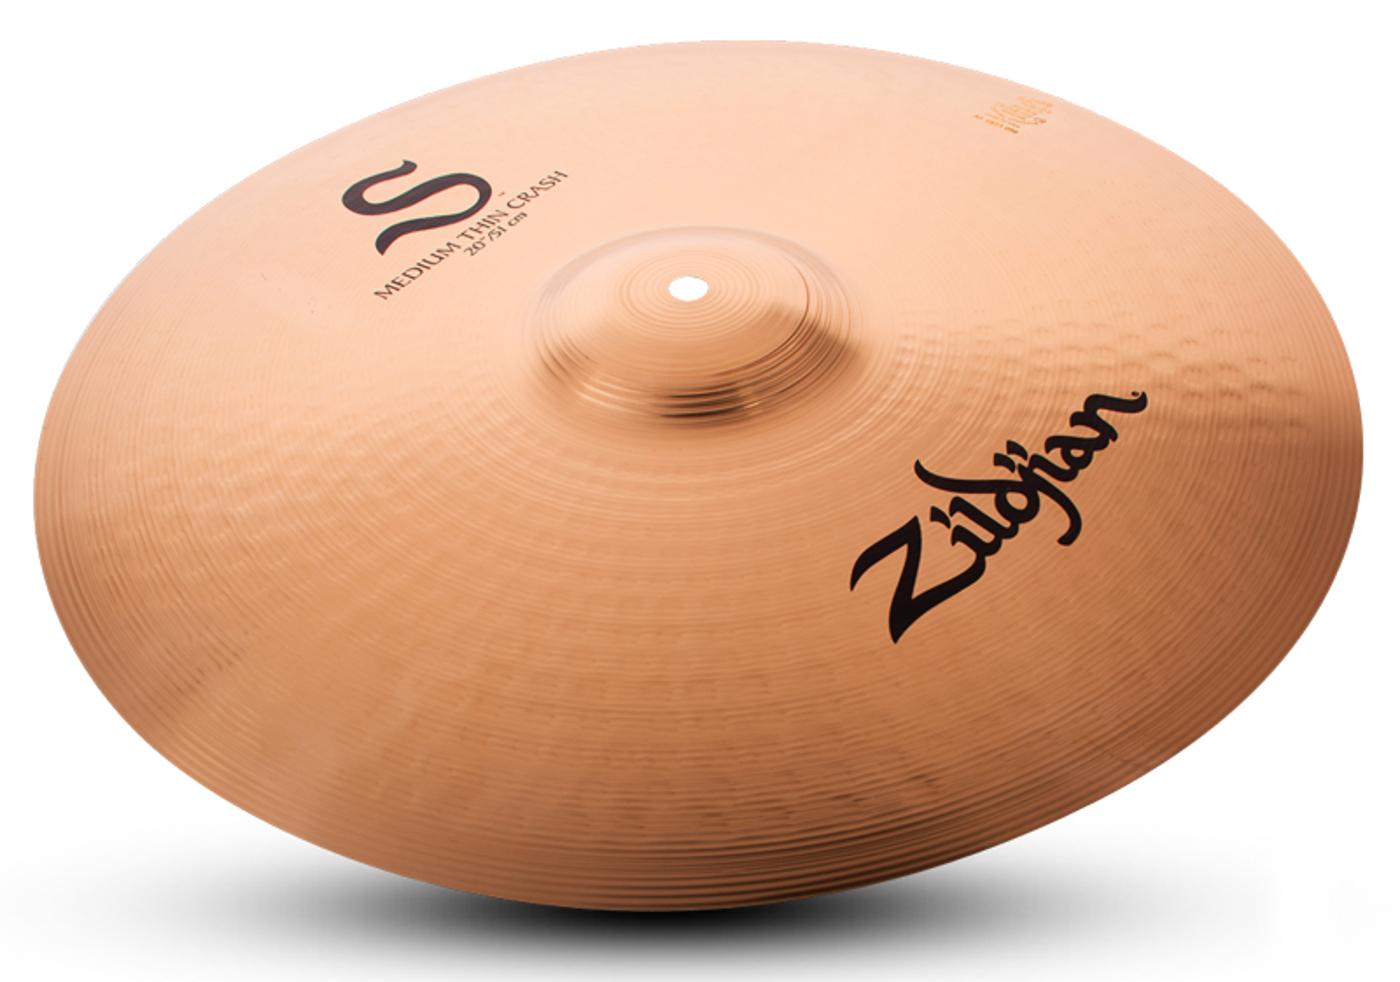 Medium Thin Crash Cymbal